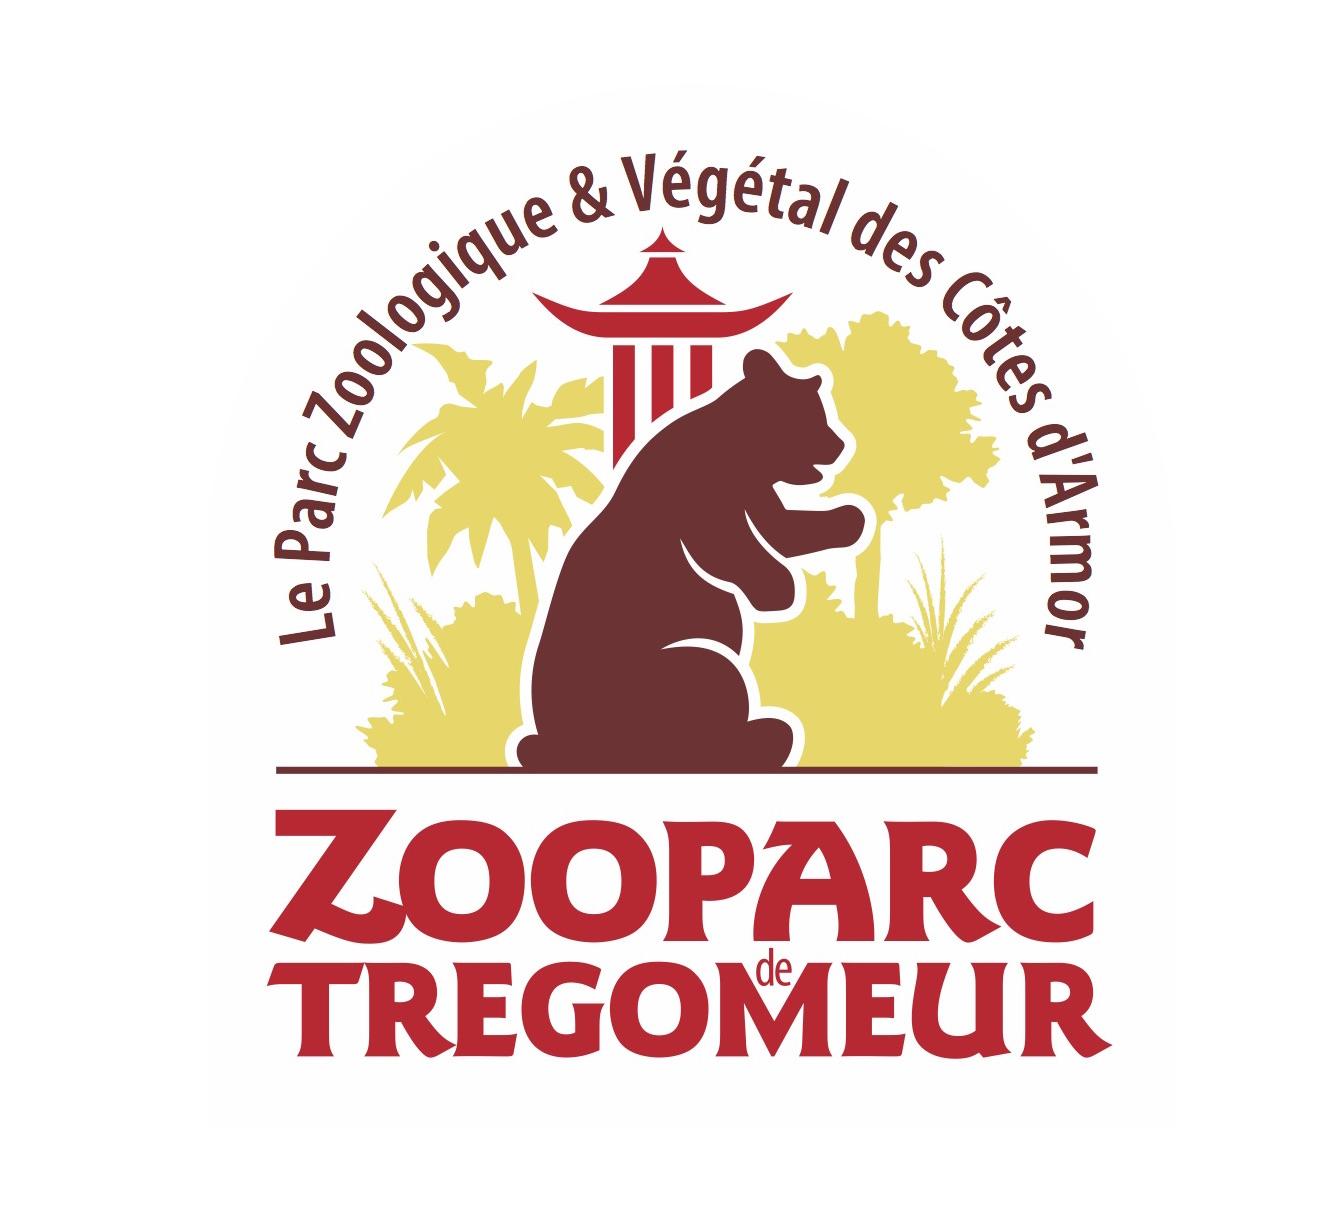 logo tregomeur copy